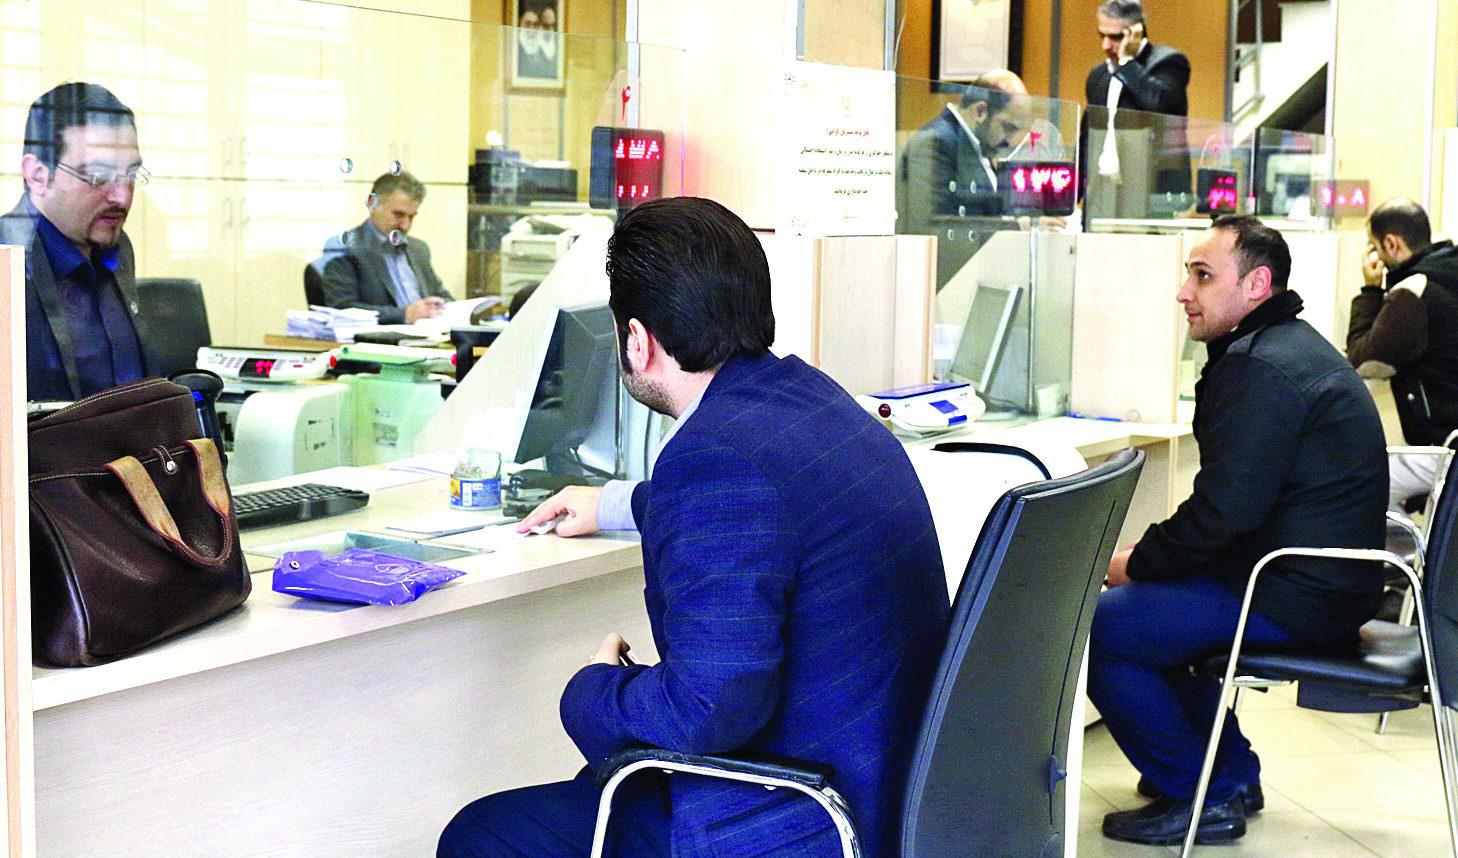 ۱۳ هزار میلیارد از اموال مازاد بانکهای دولتی واگذار شد